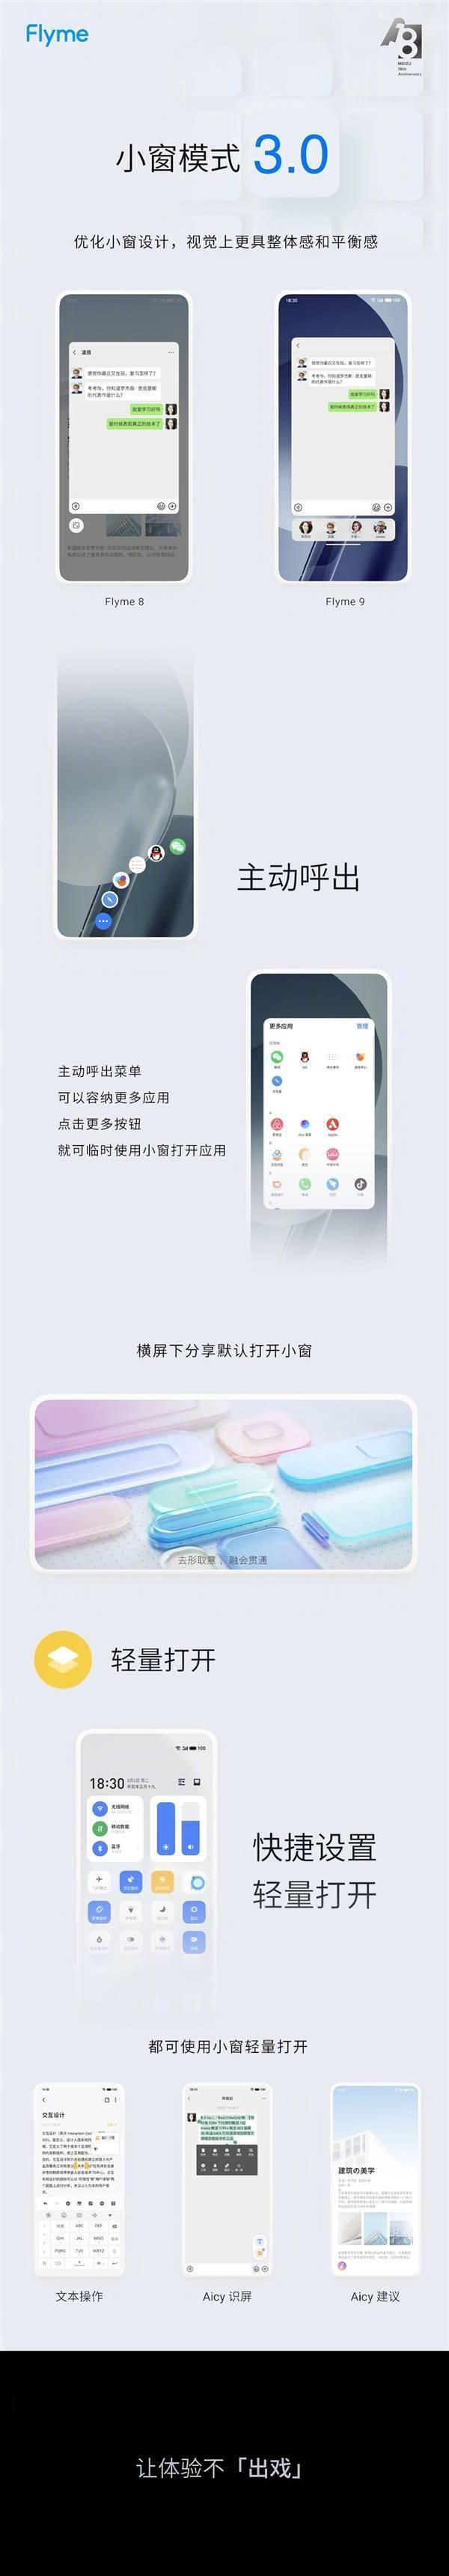 魅族Flyme 9发布:界面/动画/隐私大升级、首发小窗模式3.0的照片 - 10